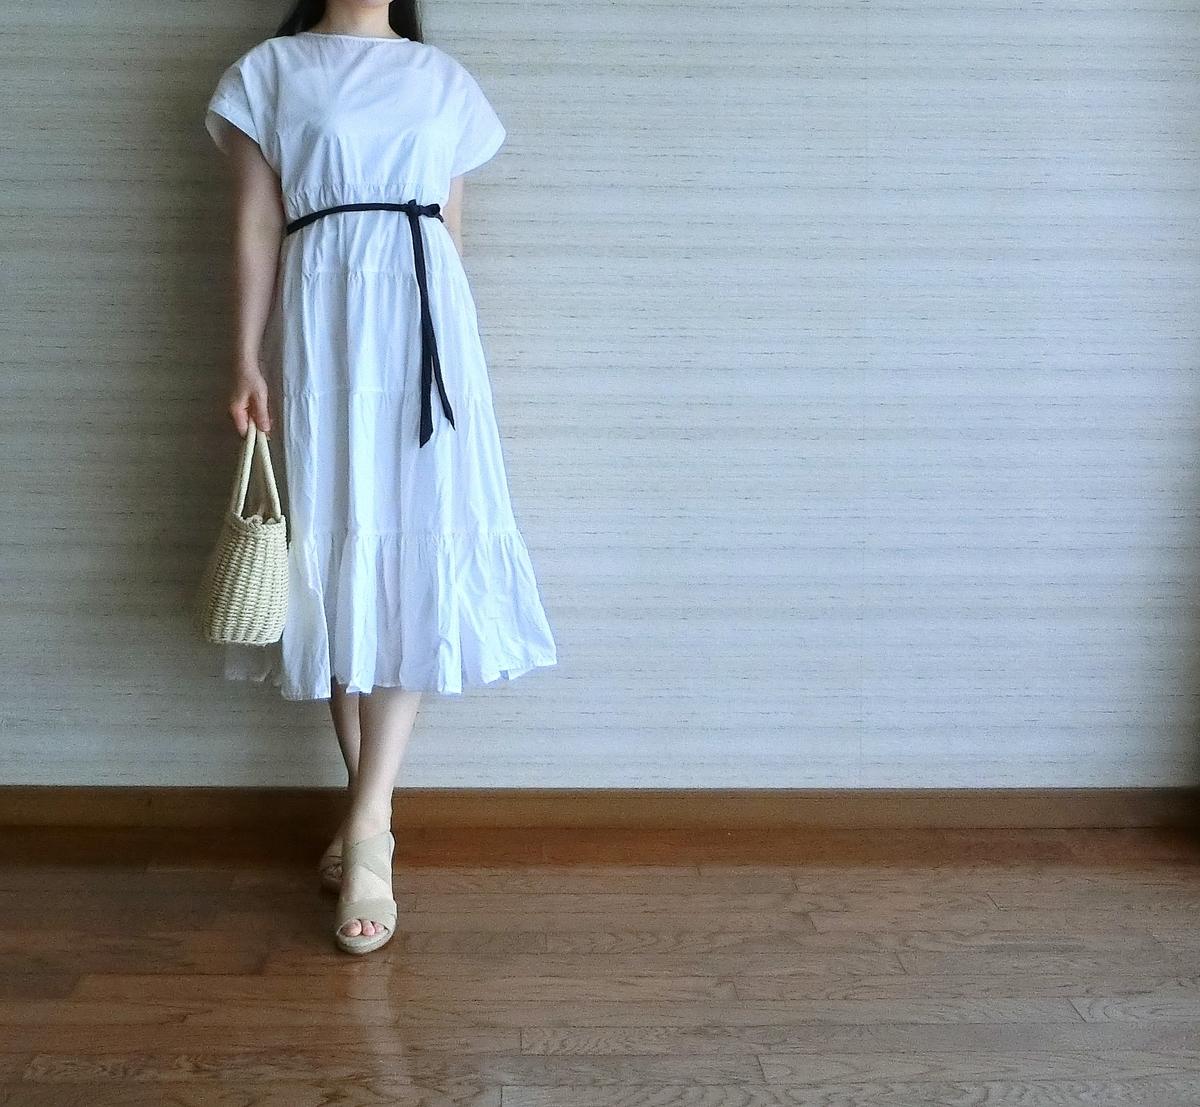 f:id:yasukawafashion:20210804114856j:plain